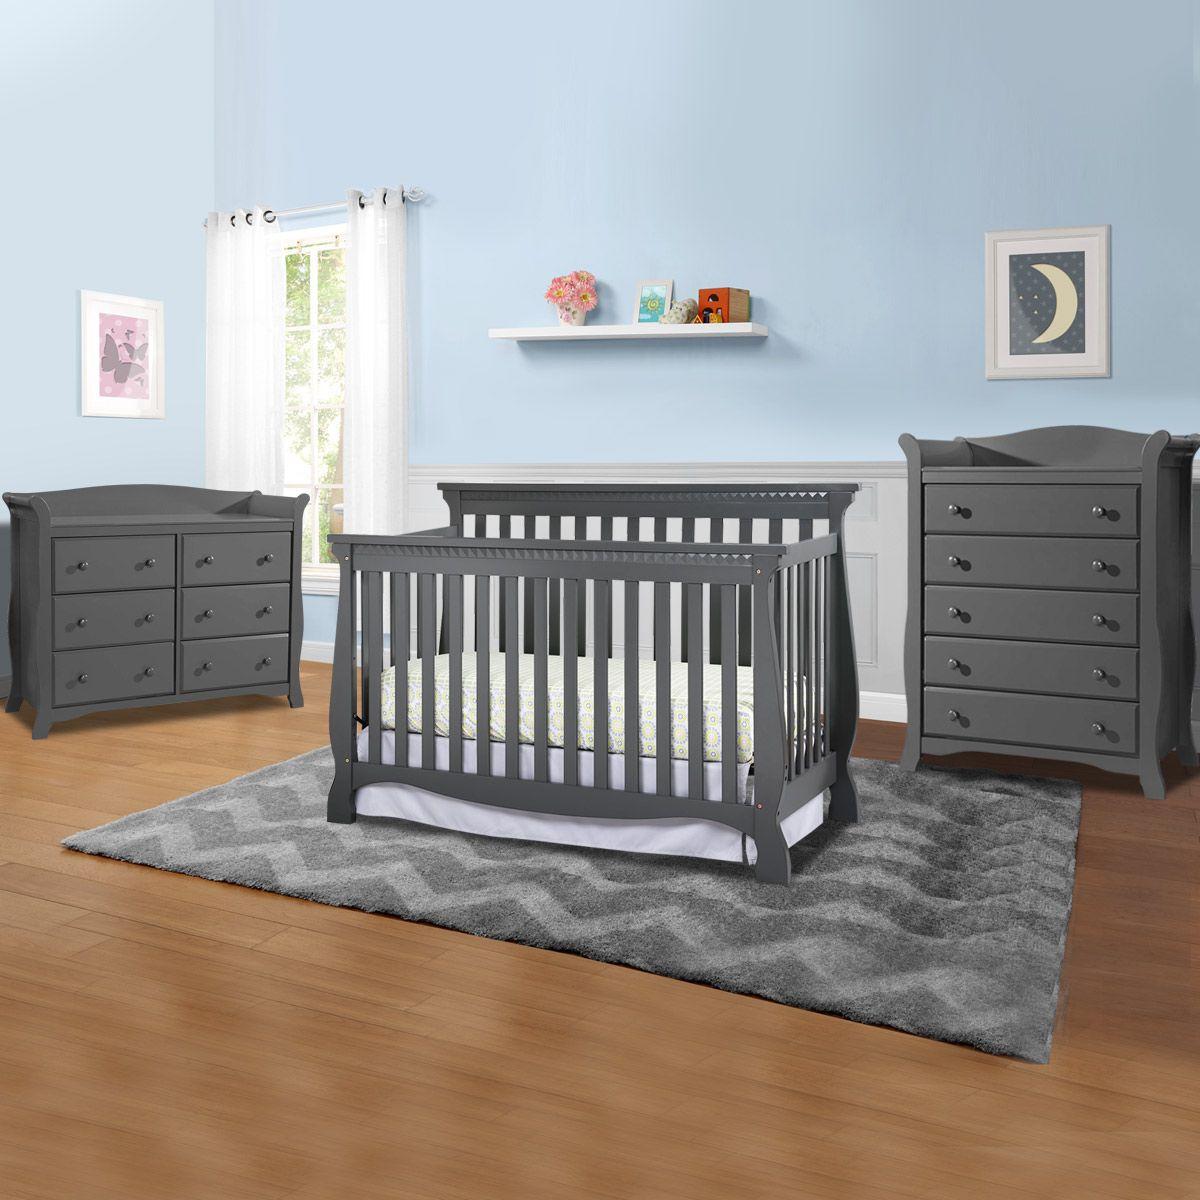 Pin On Baby Bedding [ 1200 x 1200 Pixel ]